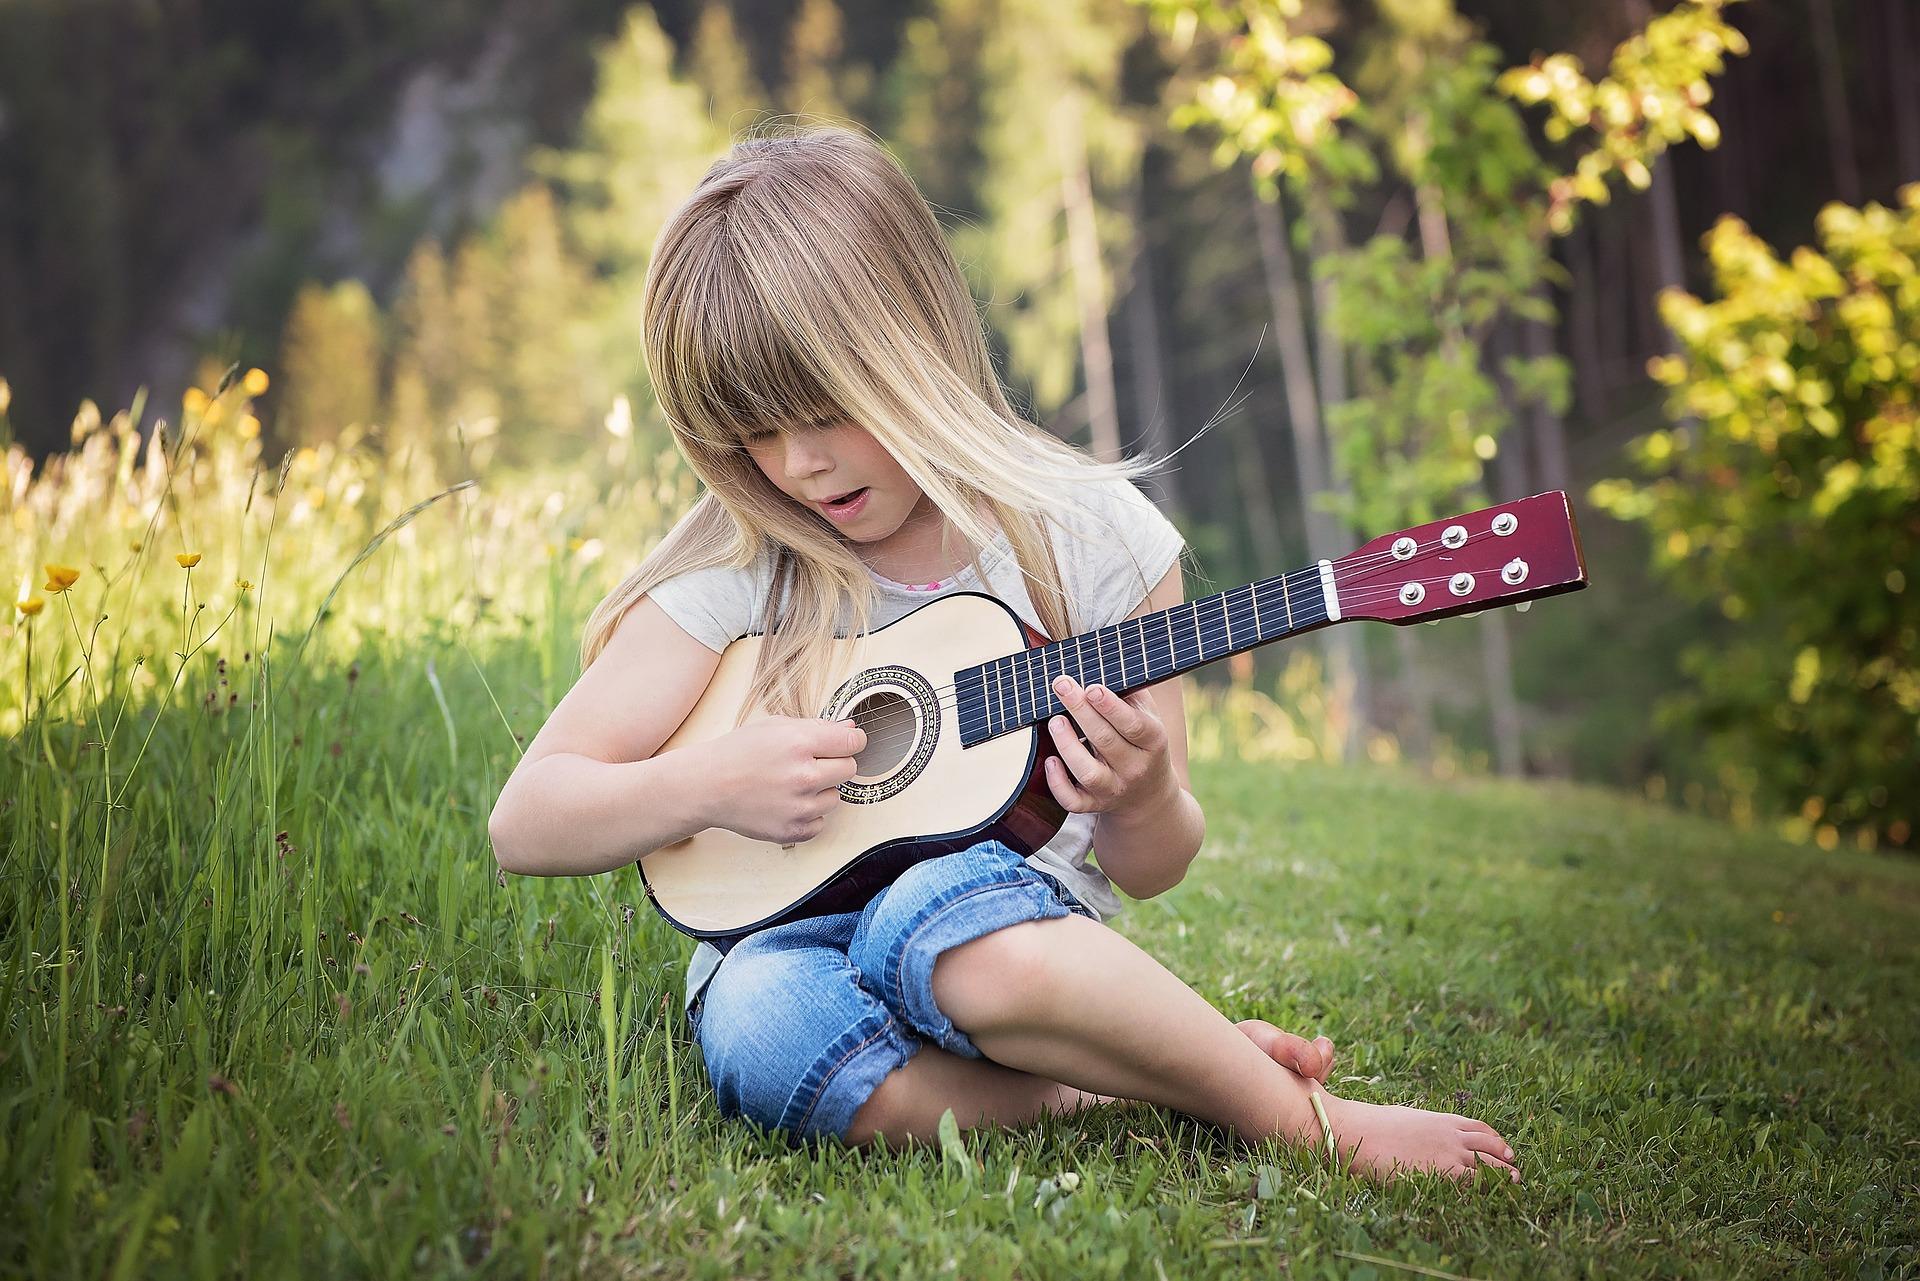 Veľkosti gitár: Štandardné gitary, gitary pre ženy a gitary pre deti